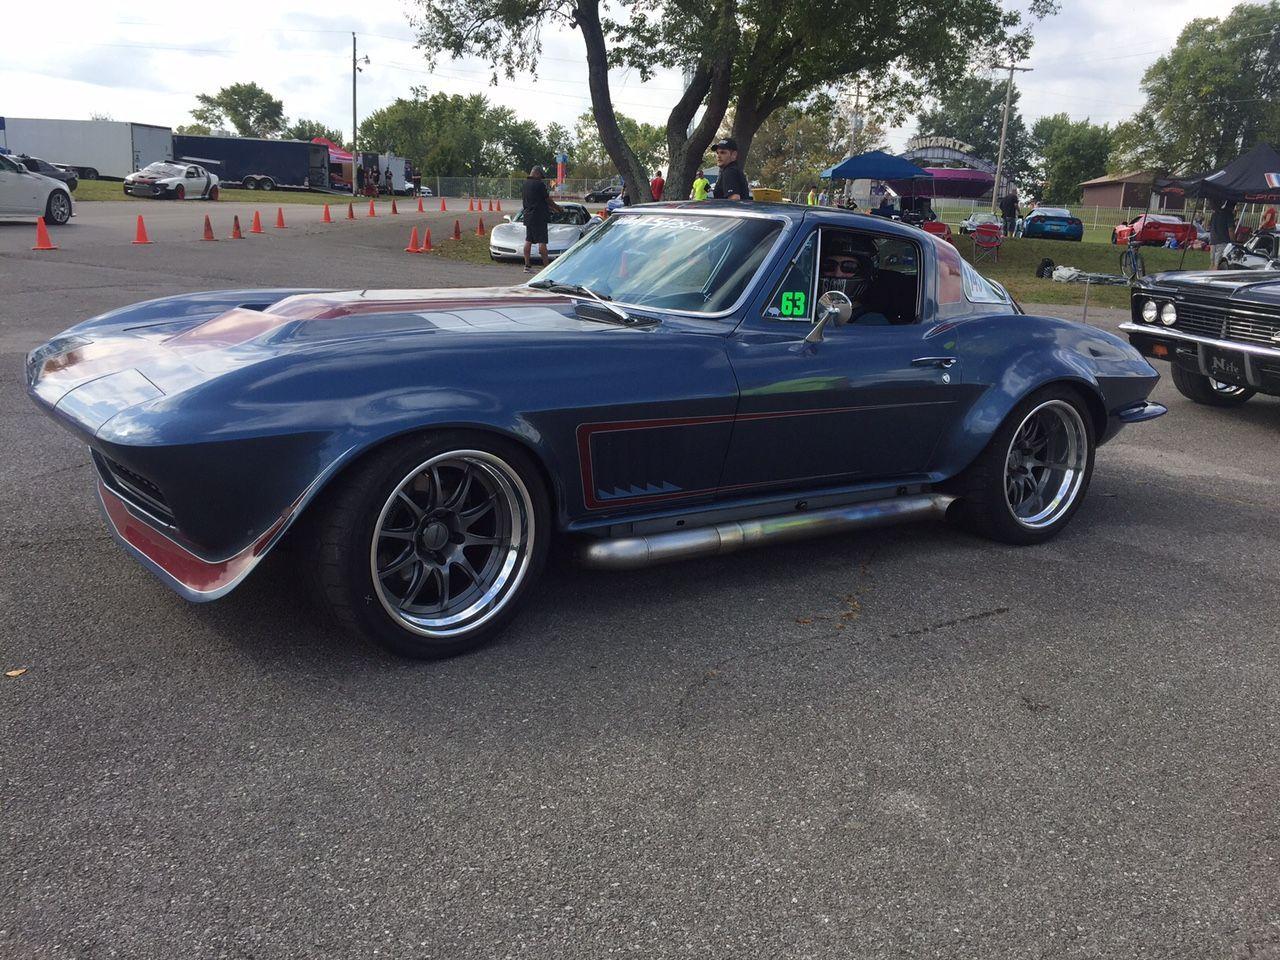 1966 Chevrolet Corvette Stingray | Jill Oberle's Corvette on Forgeling GZ3R Wheels